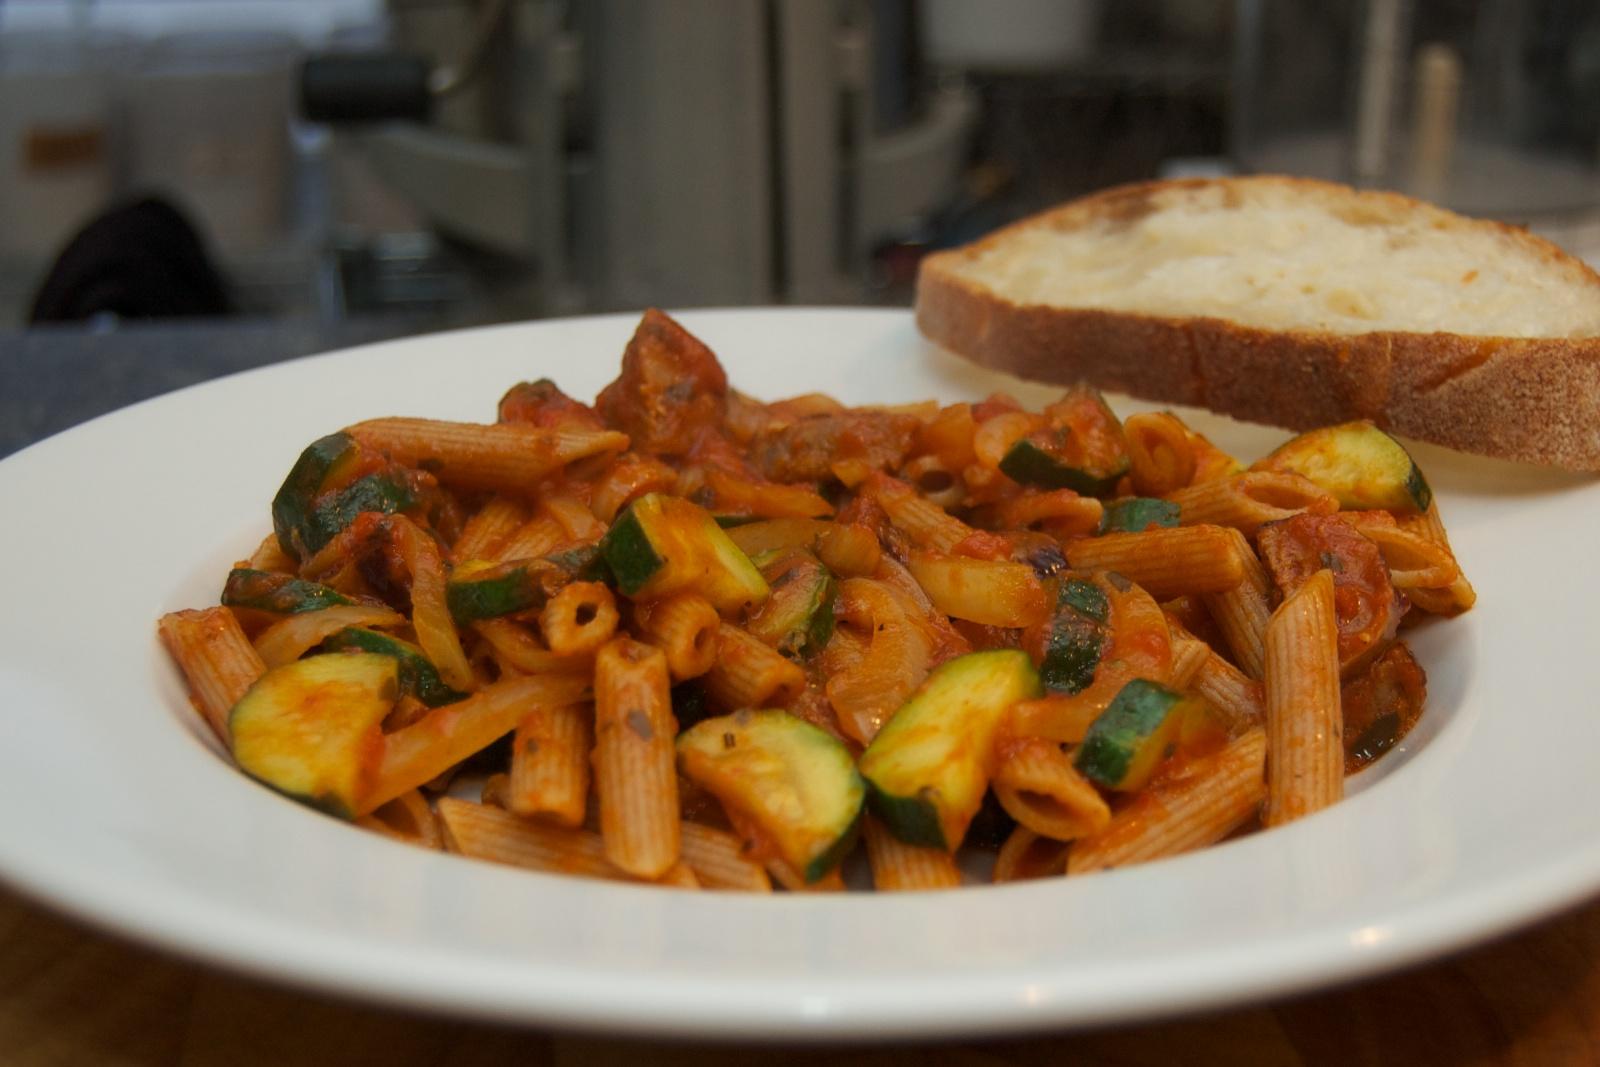 http://blog.rickk.com/food/2011/01/14/pasta1.jpg